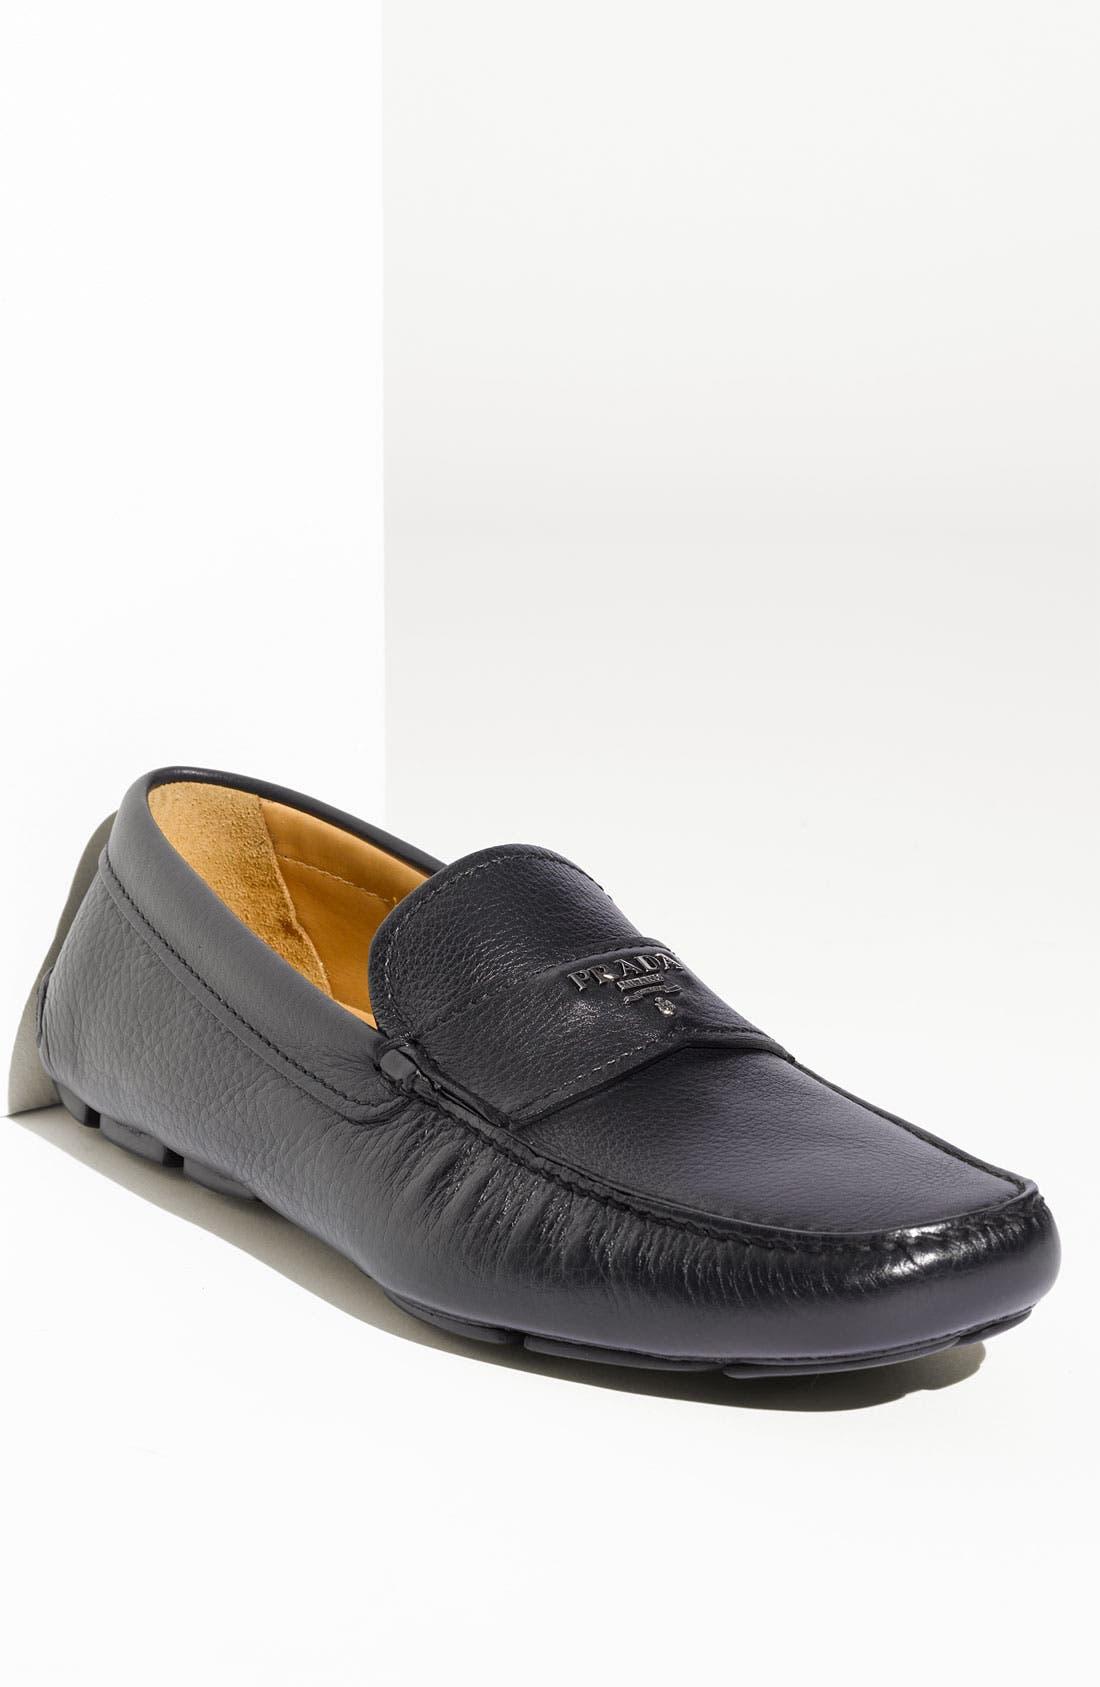 Main Image - Prada Driving Shoe (Men)